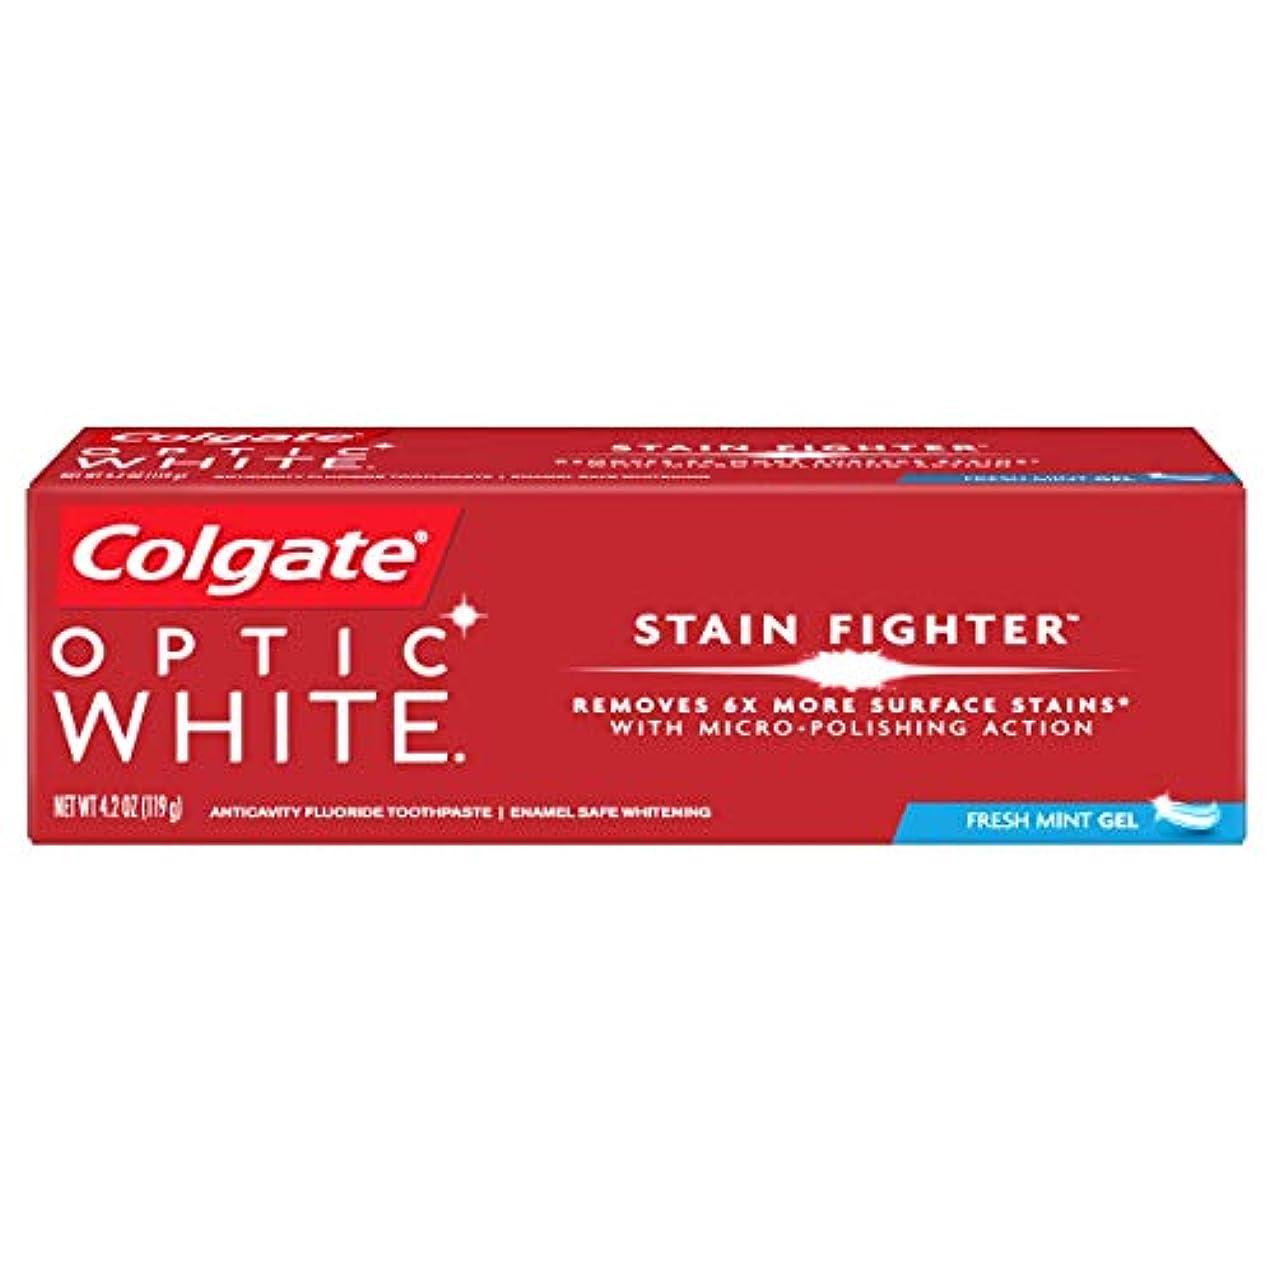 マインドフルサイトライン強風コルゲート ホワイトニング Colgate 119g Optic White STAIN FIGHTER 白い歯 歯磨き粉 ミント (Fresh Mint)